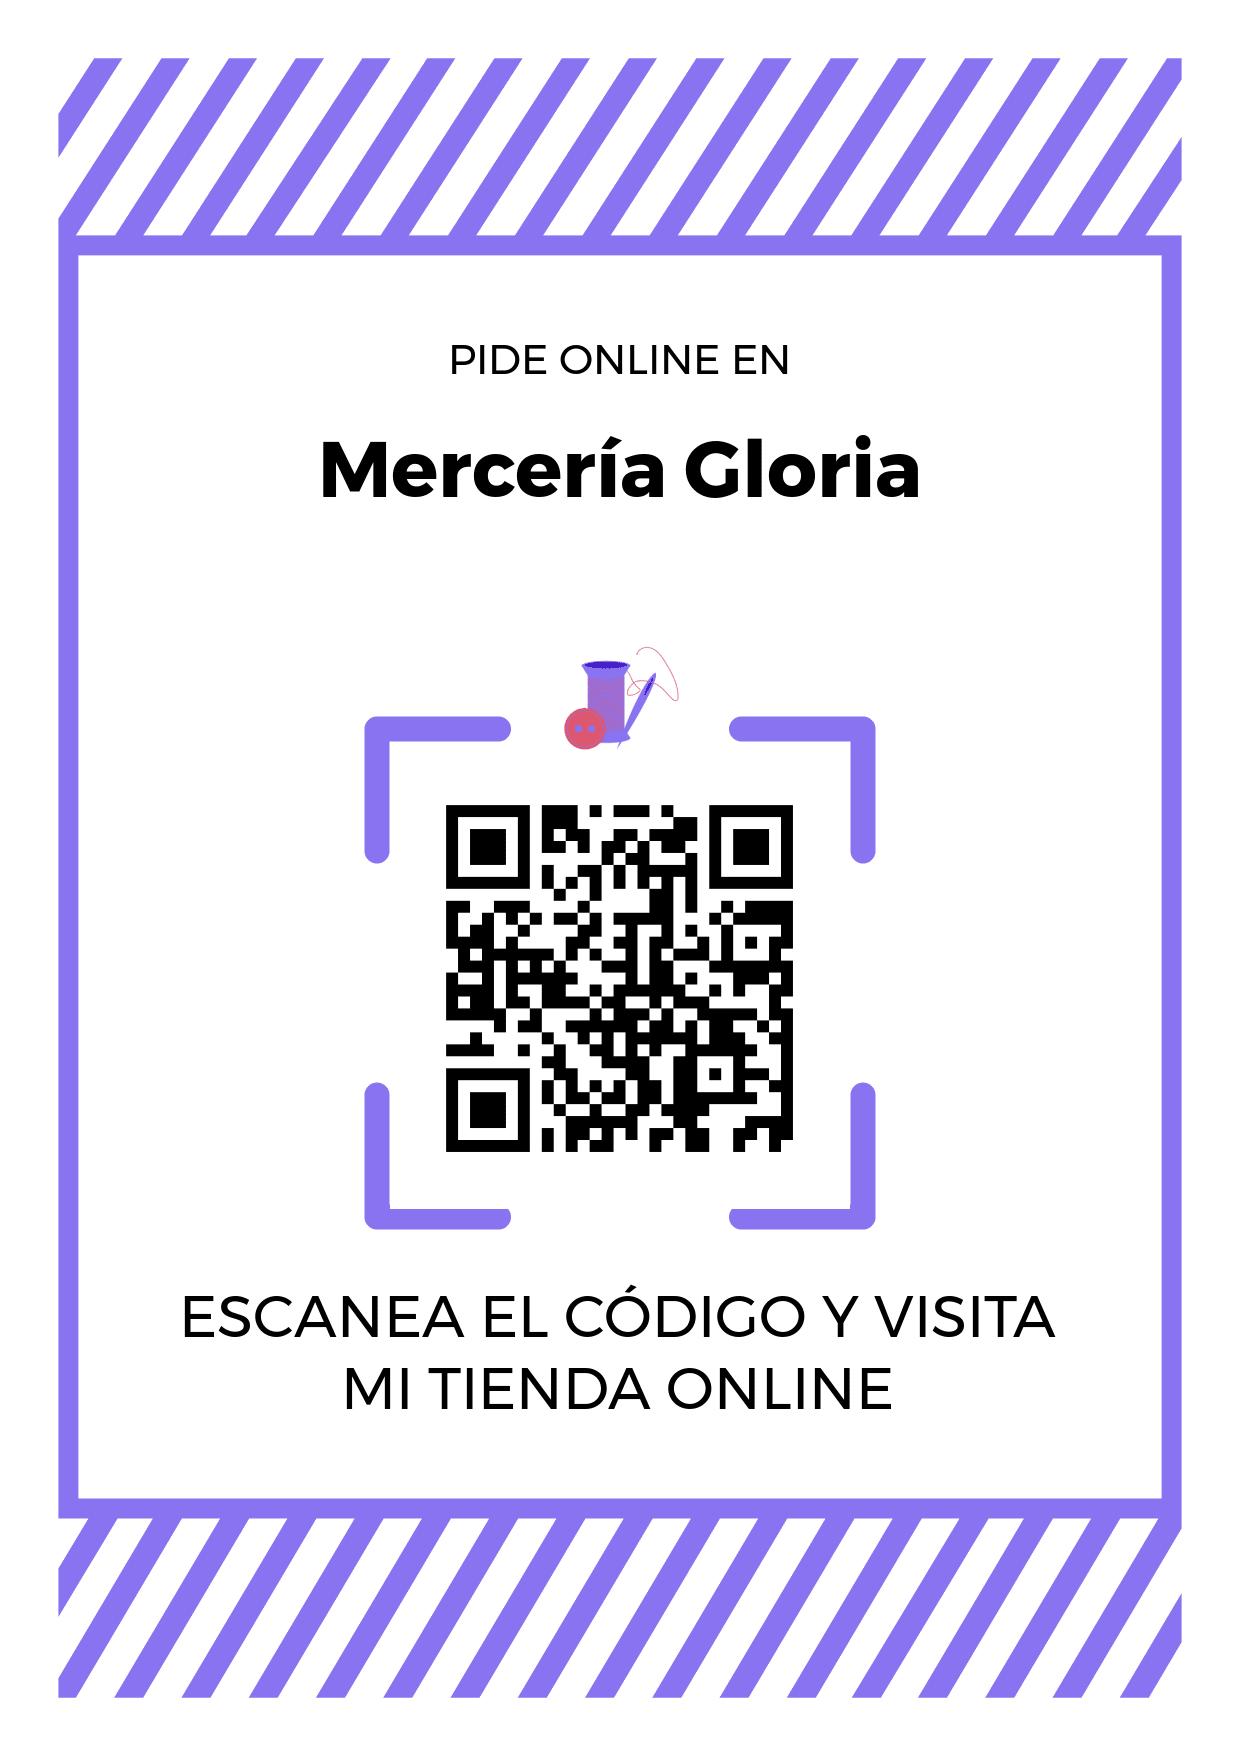 Cartel Póster de Código QR para tienda de Mercería